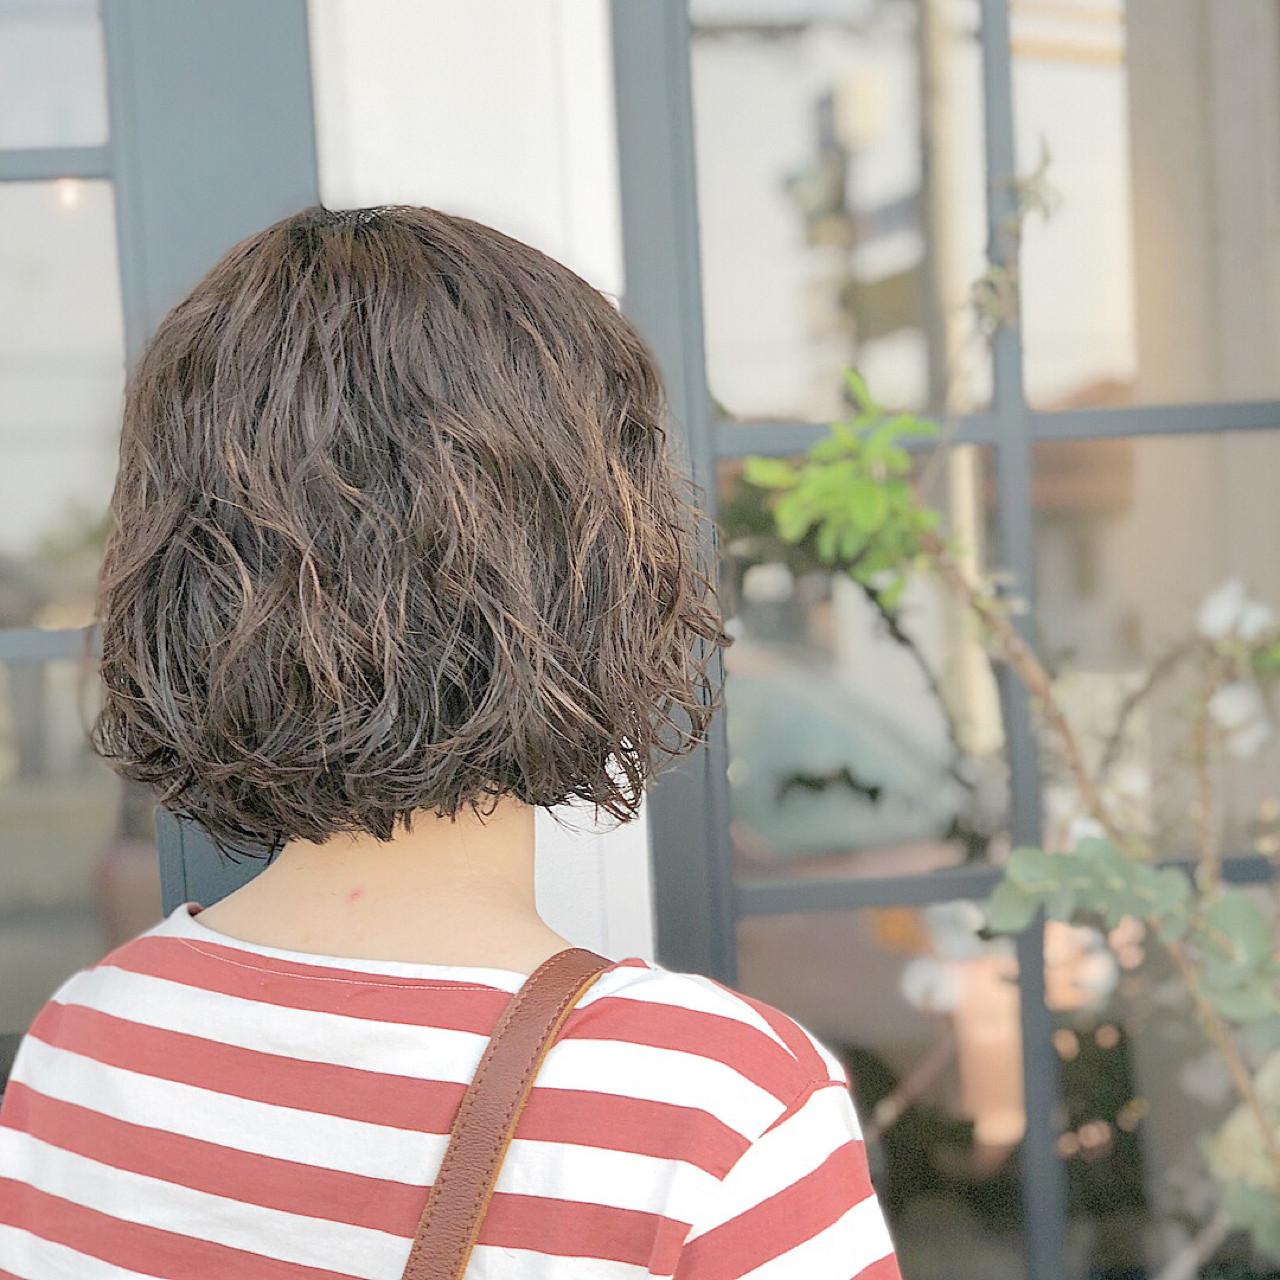 色気 簡単 ナチュラル ショート ヘアスタイルや髪型の写真・画像 | 和田 成泰 / LAXA HAIR WORKS